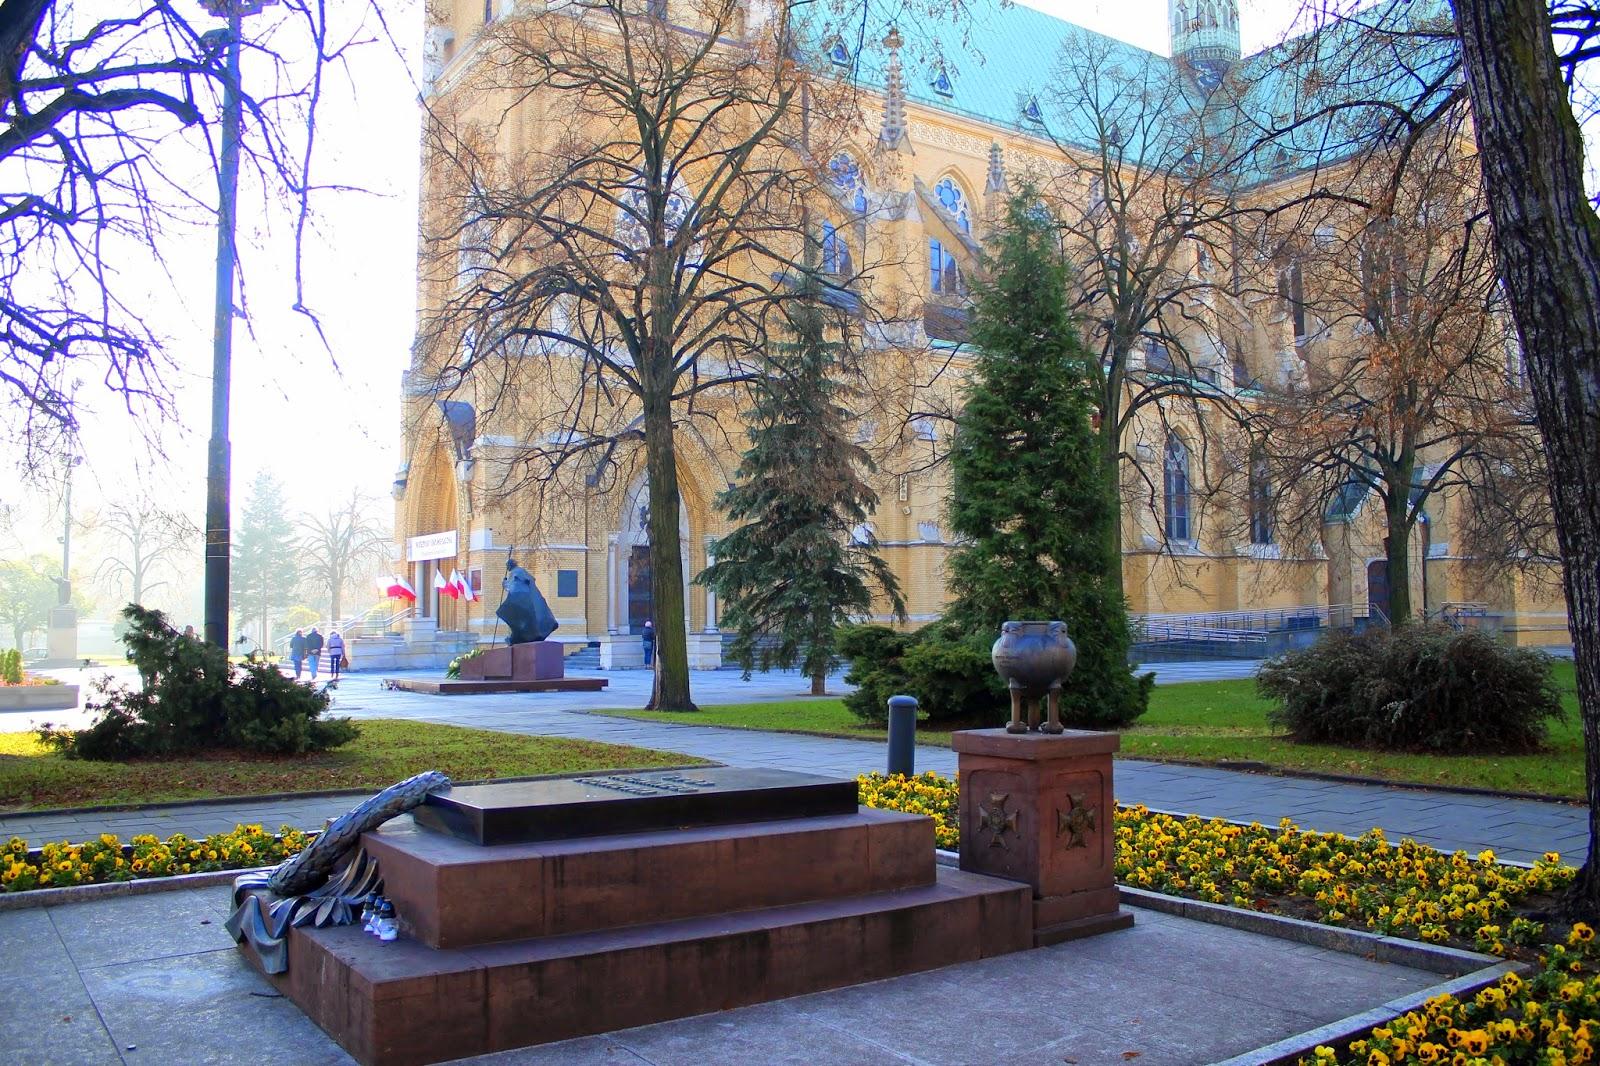 5. Nežinomo kario kapas Lodzėje, Katedros aikštėje. Toliau matyti realistinis popiežiaus Jono Pauliaus II paminklas | Wikipedia.org nuotr.